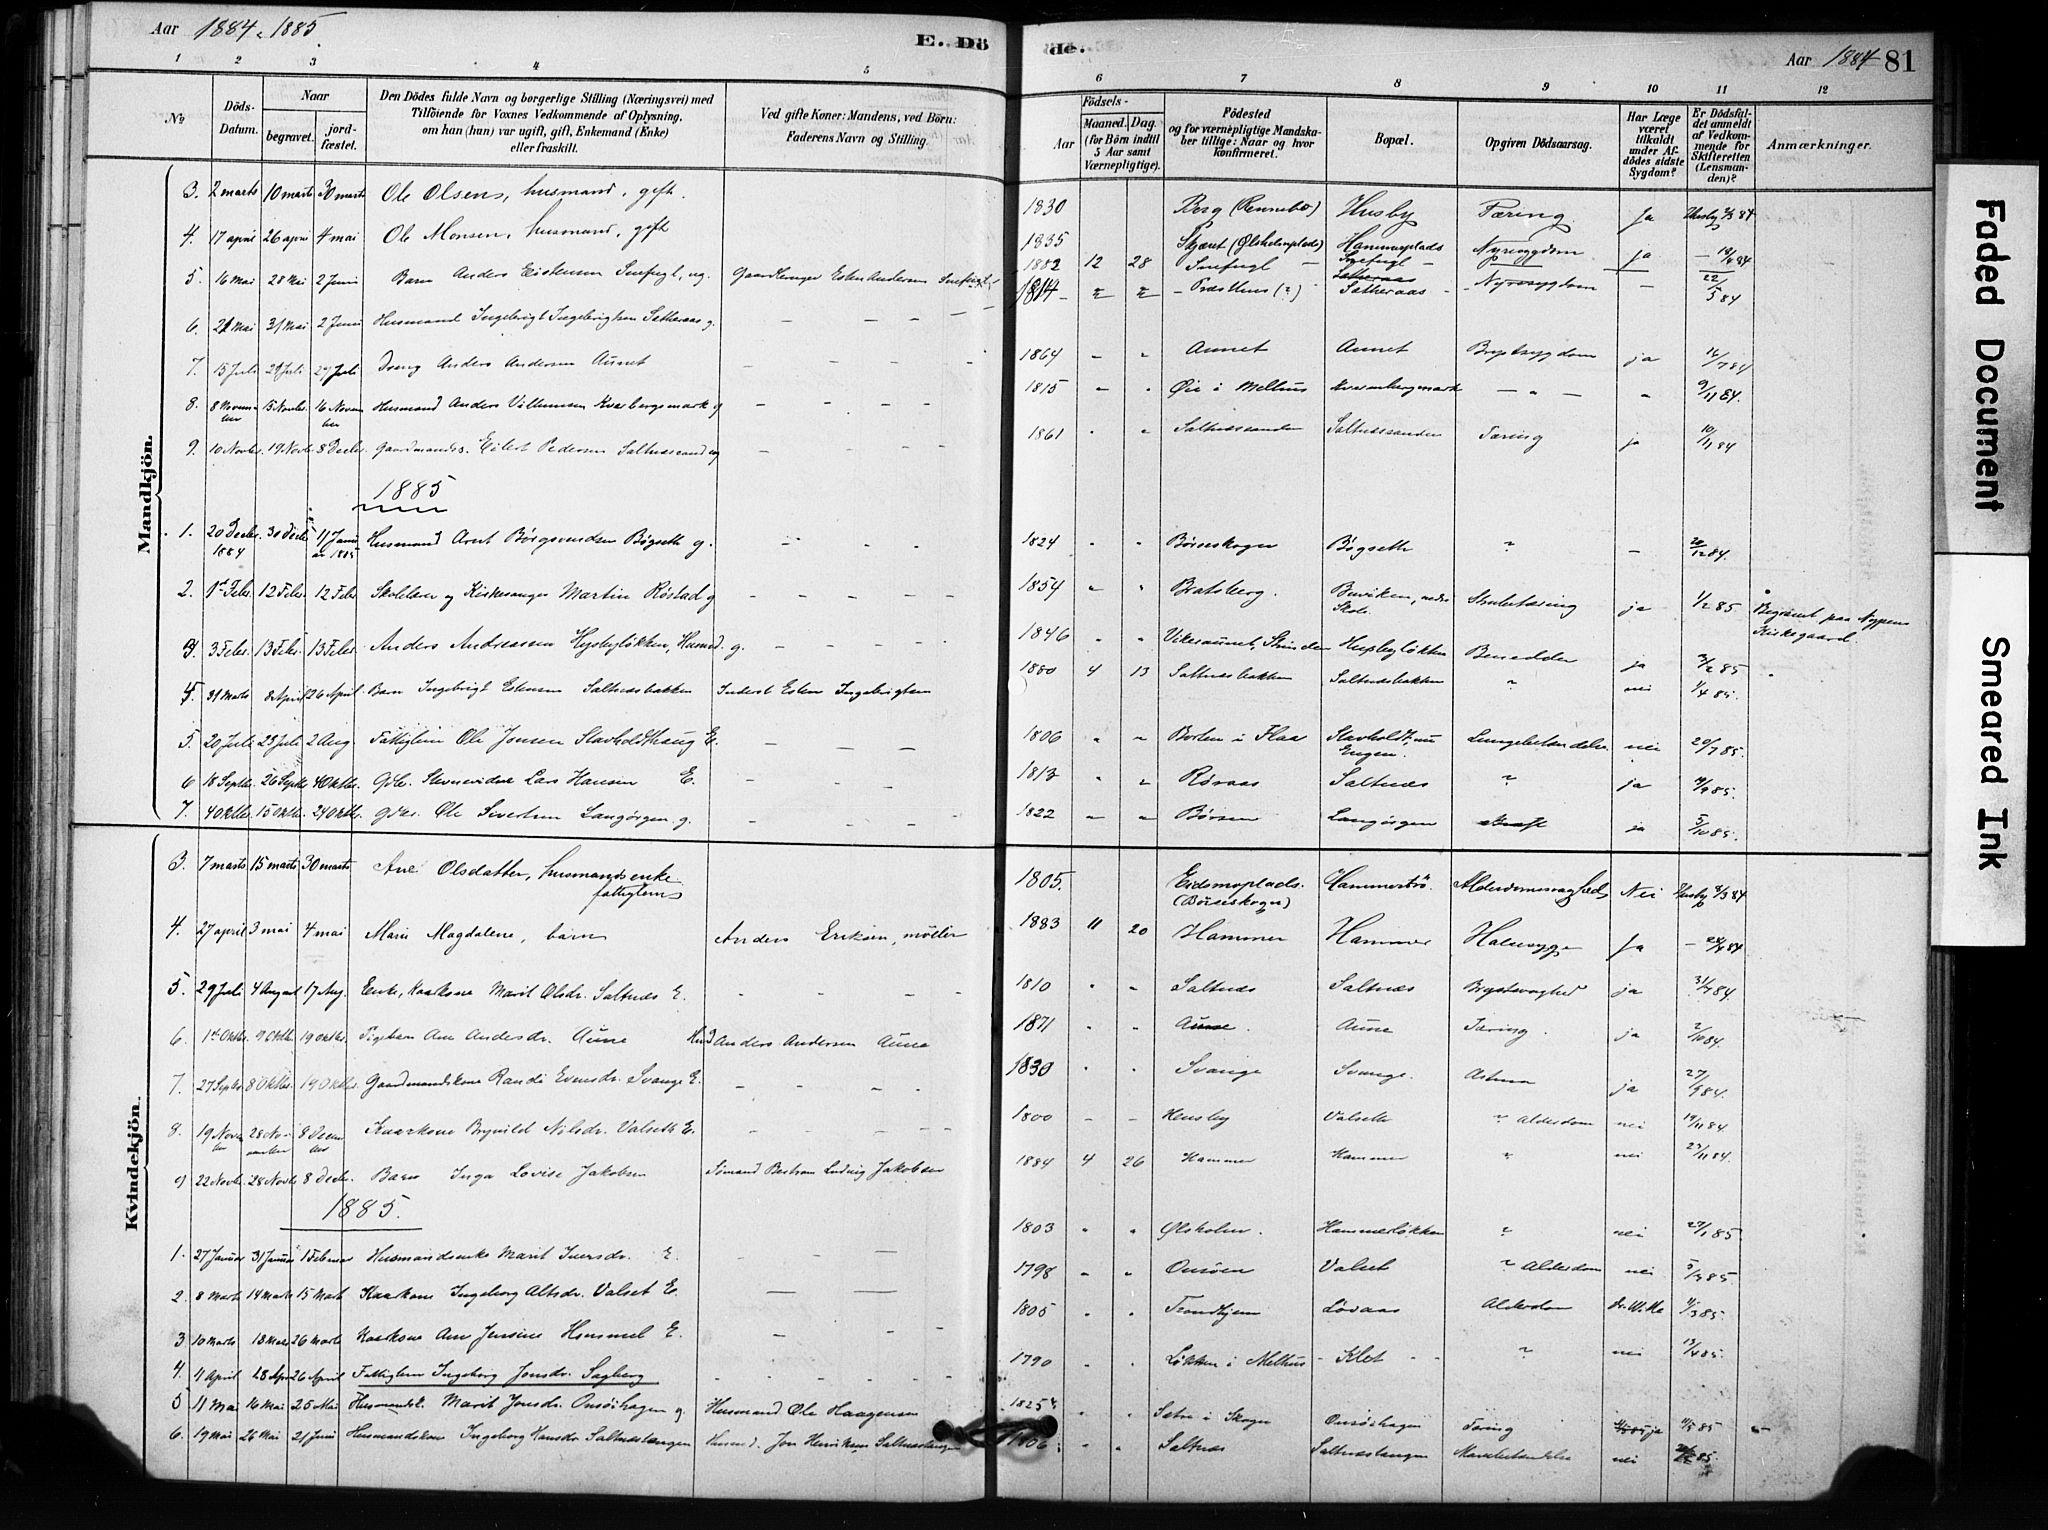 SAT, Ministerialprotokoller, klokkerbøker og fødselsregistre - Sør-Trøndelag, 666/L0786: Ministerialbok nr. 666A04, 1878-1895, s. 81